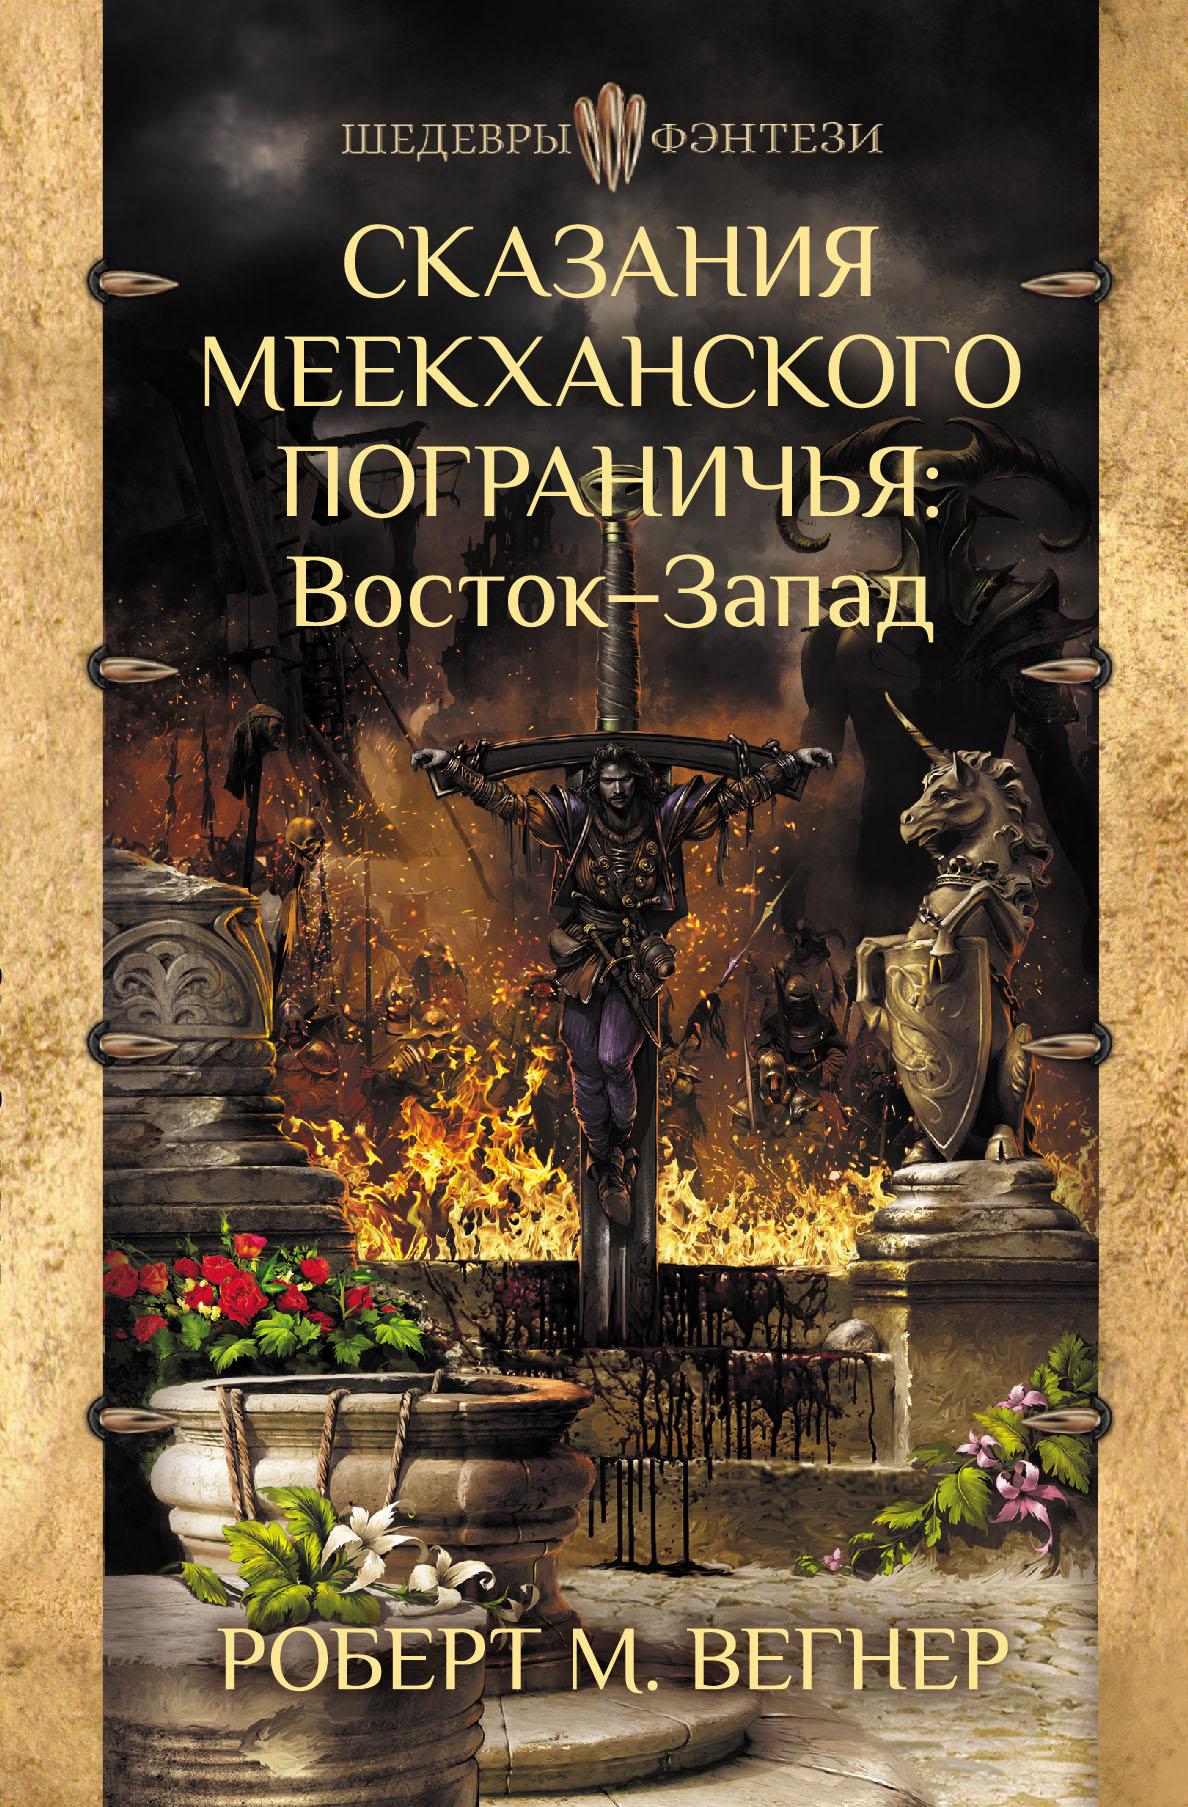 Вегнер Роберт М. Сказания Меекханского Пограничья. Восток-Запад